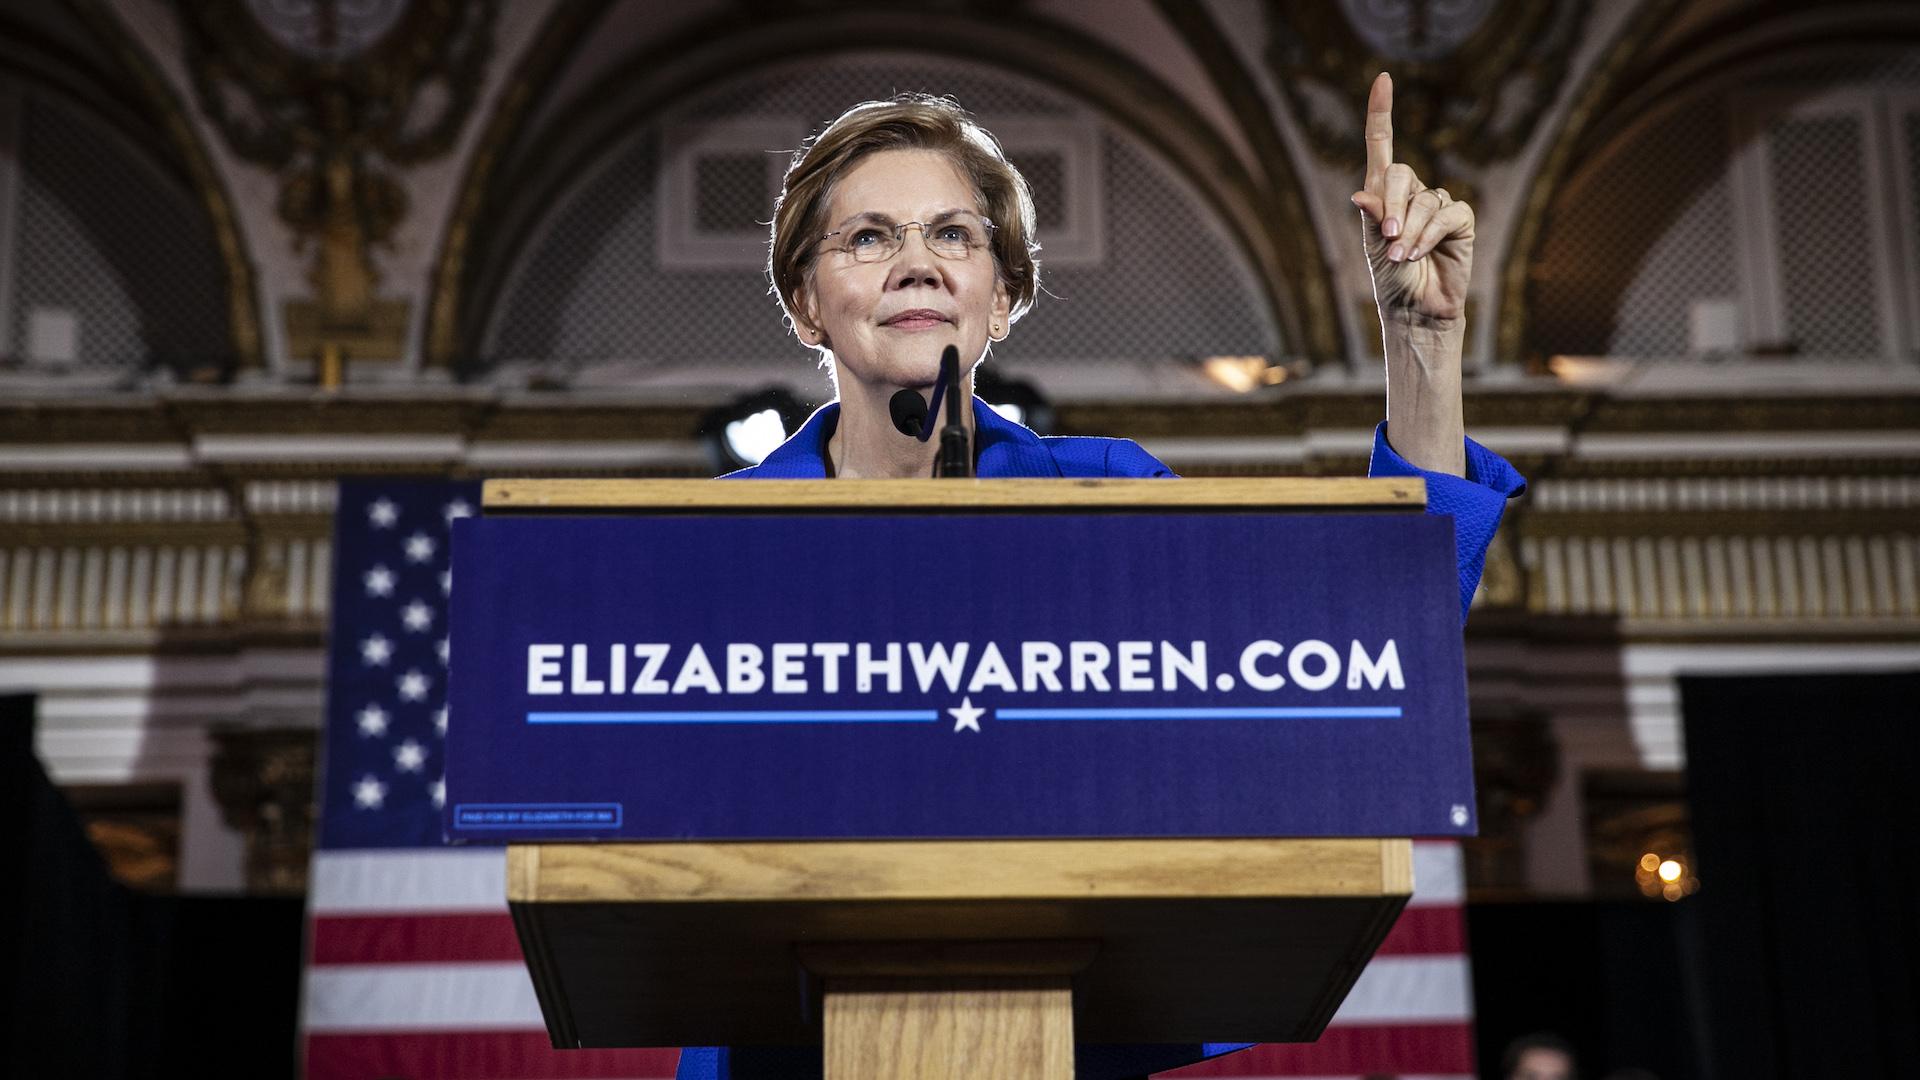 Elizabeth Warren and Student Debt